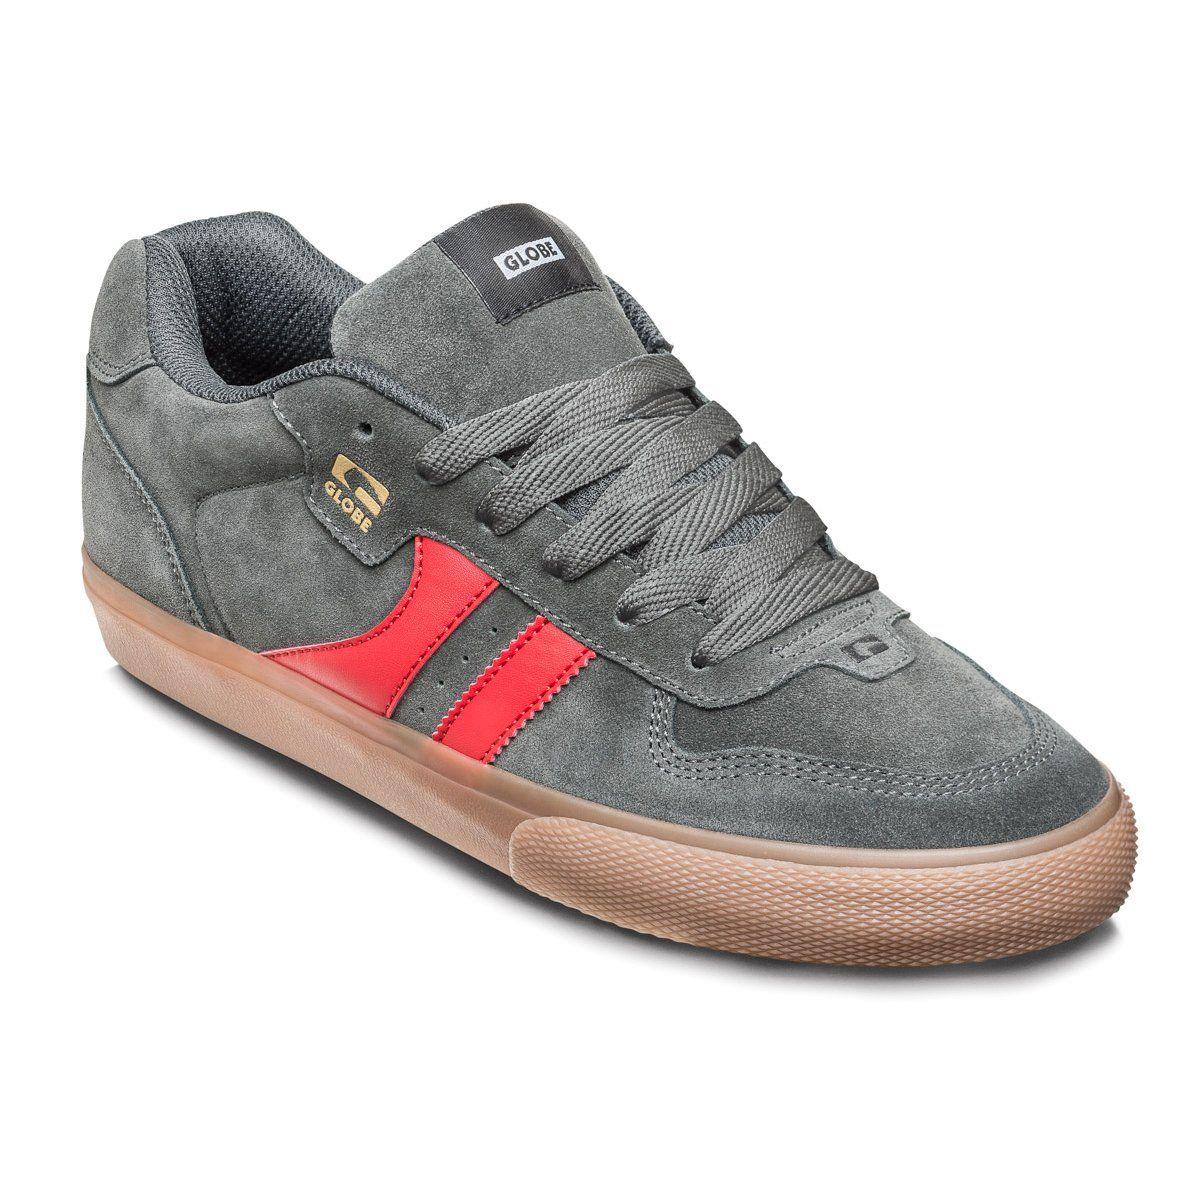 Encore 2 | Cipő | Skate style, Adidas sneakers, Sneakers